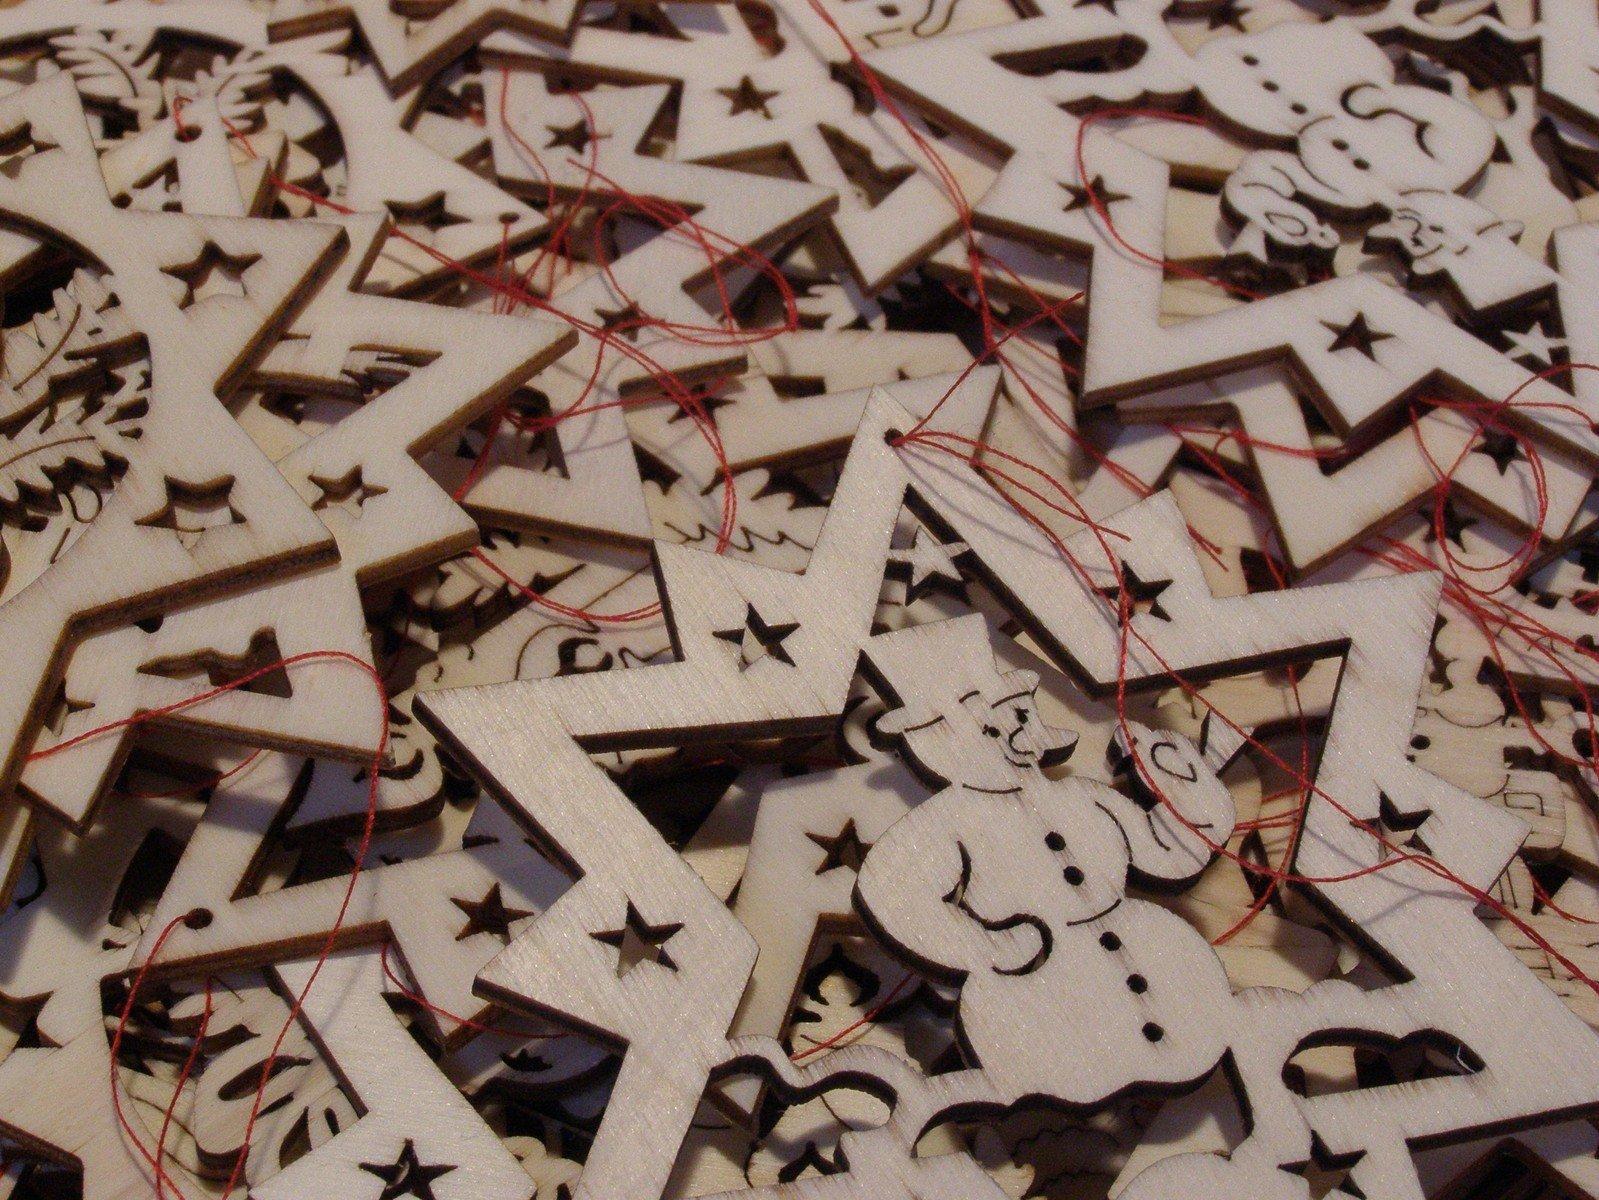 Free Weihnachtsdekoration Aus Holz Stock Photo